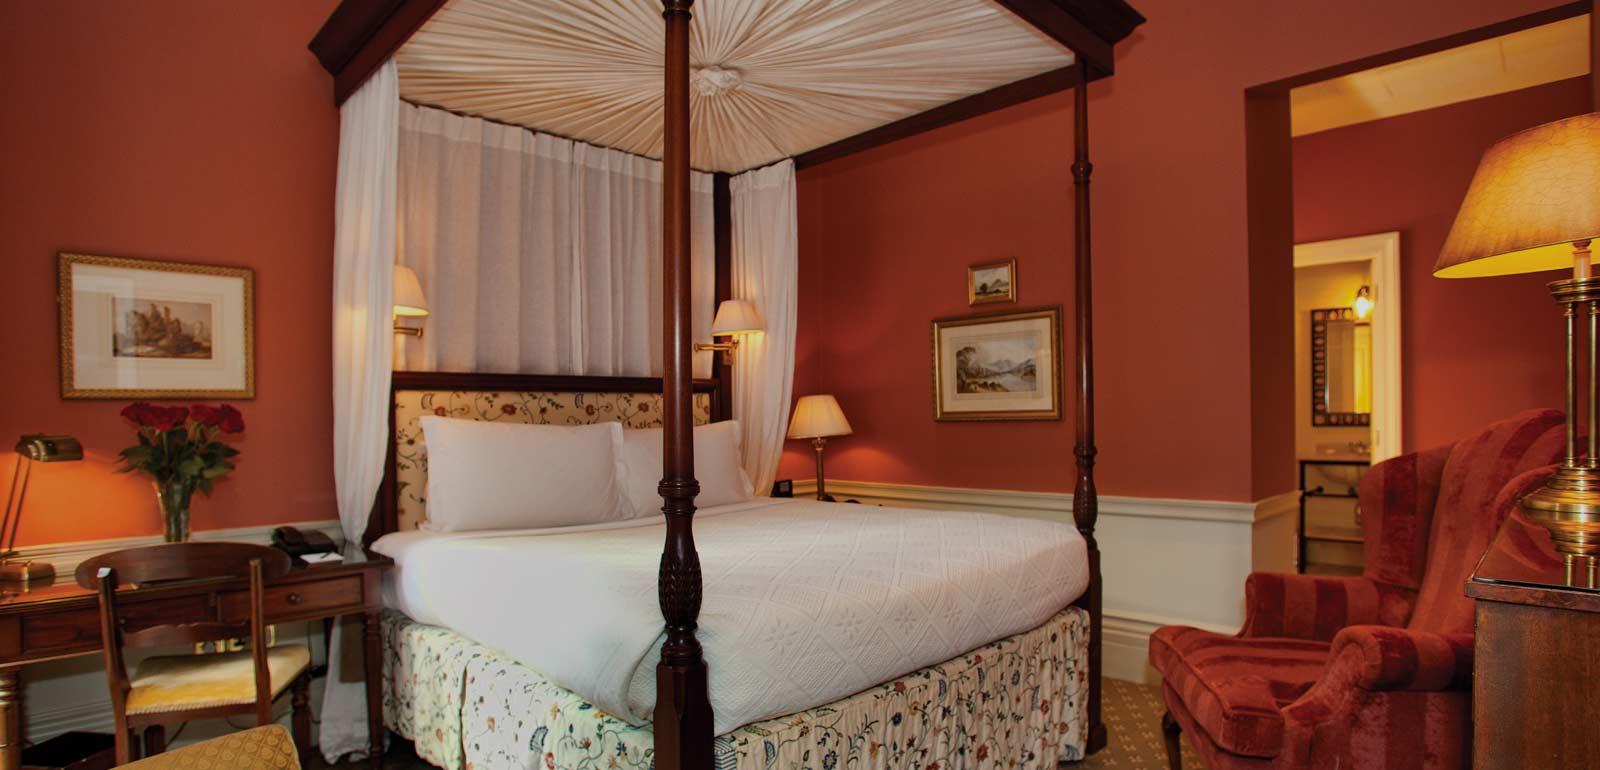 Luxury Hotel Room of Roseate London